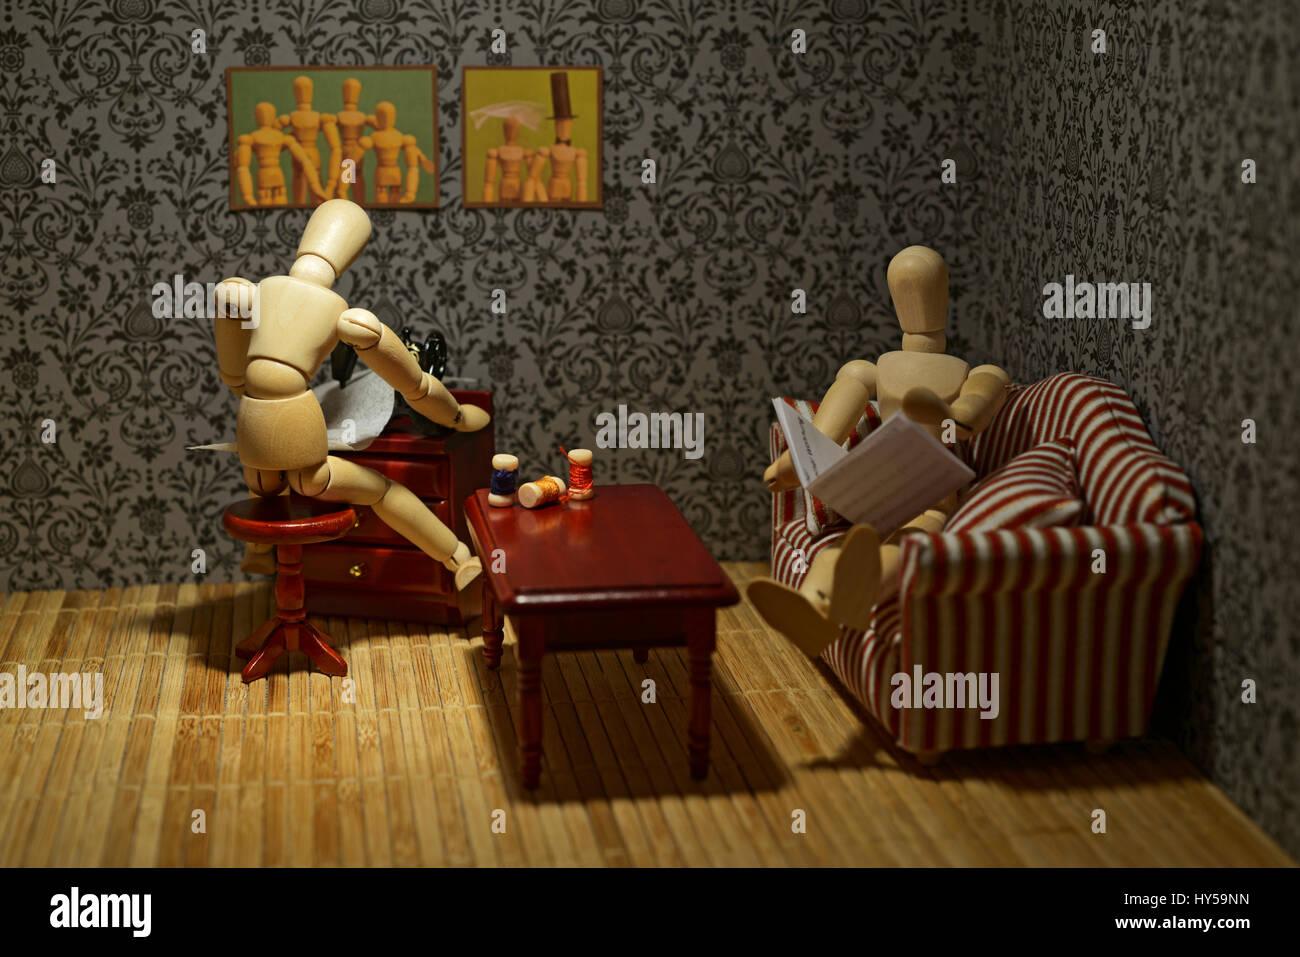 La vita delle figure in legno - Vivere in Famiglia, vita quotidiana Foto Stock